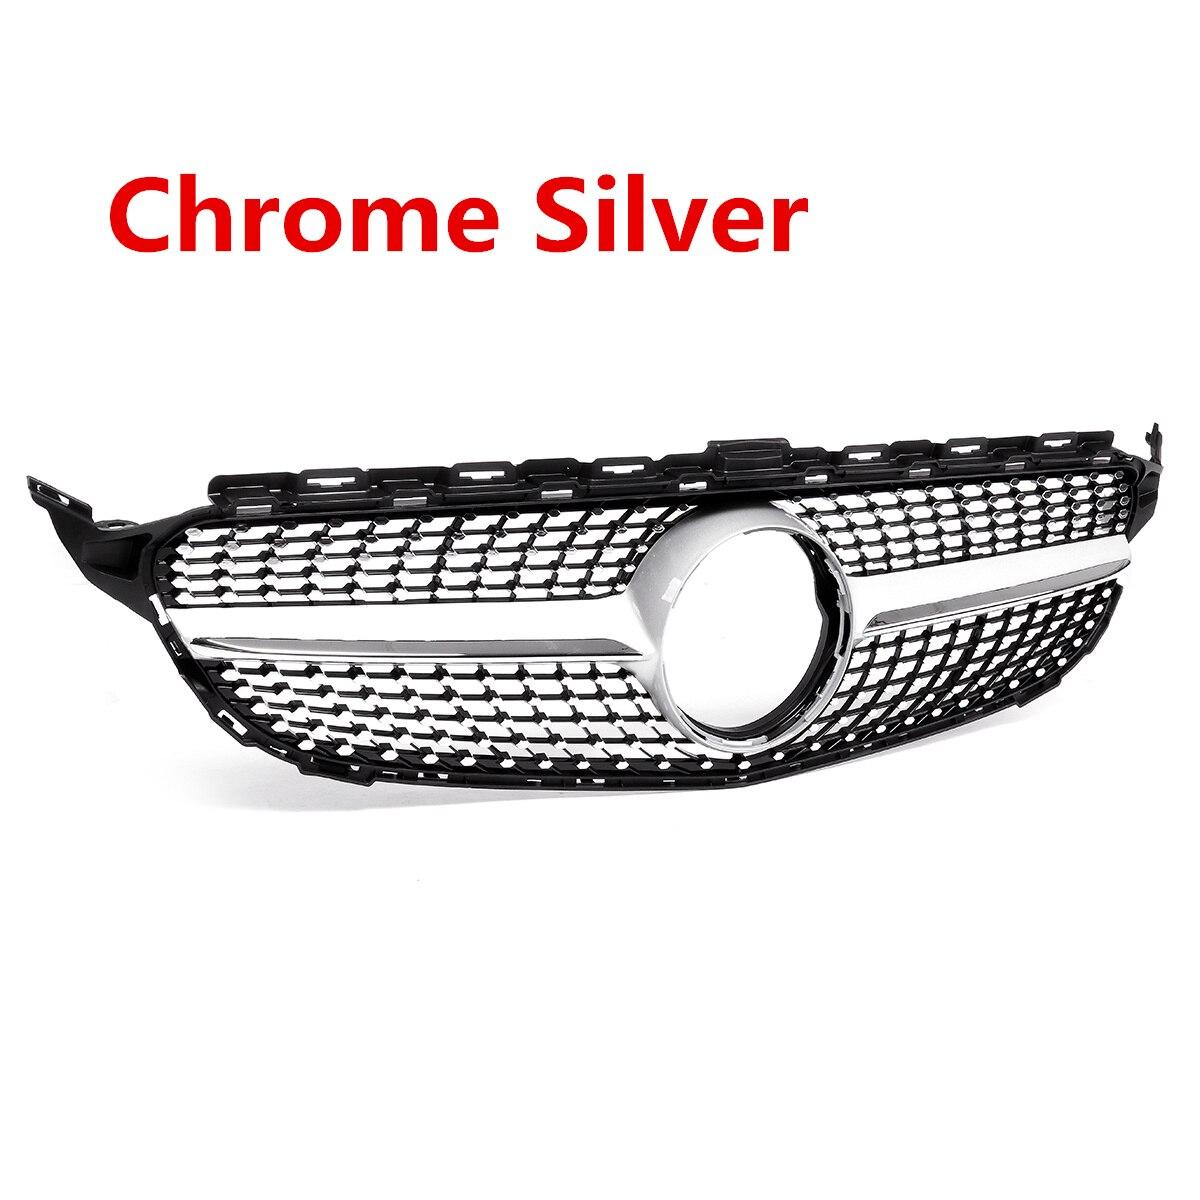 1х Автомобильная Передняя Алмазная решетка для гриля для Mercedes для Benz C Class W205 C200 C250 C300 C350 2015 18 без камеры - 2